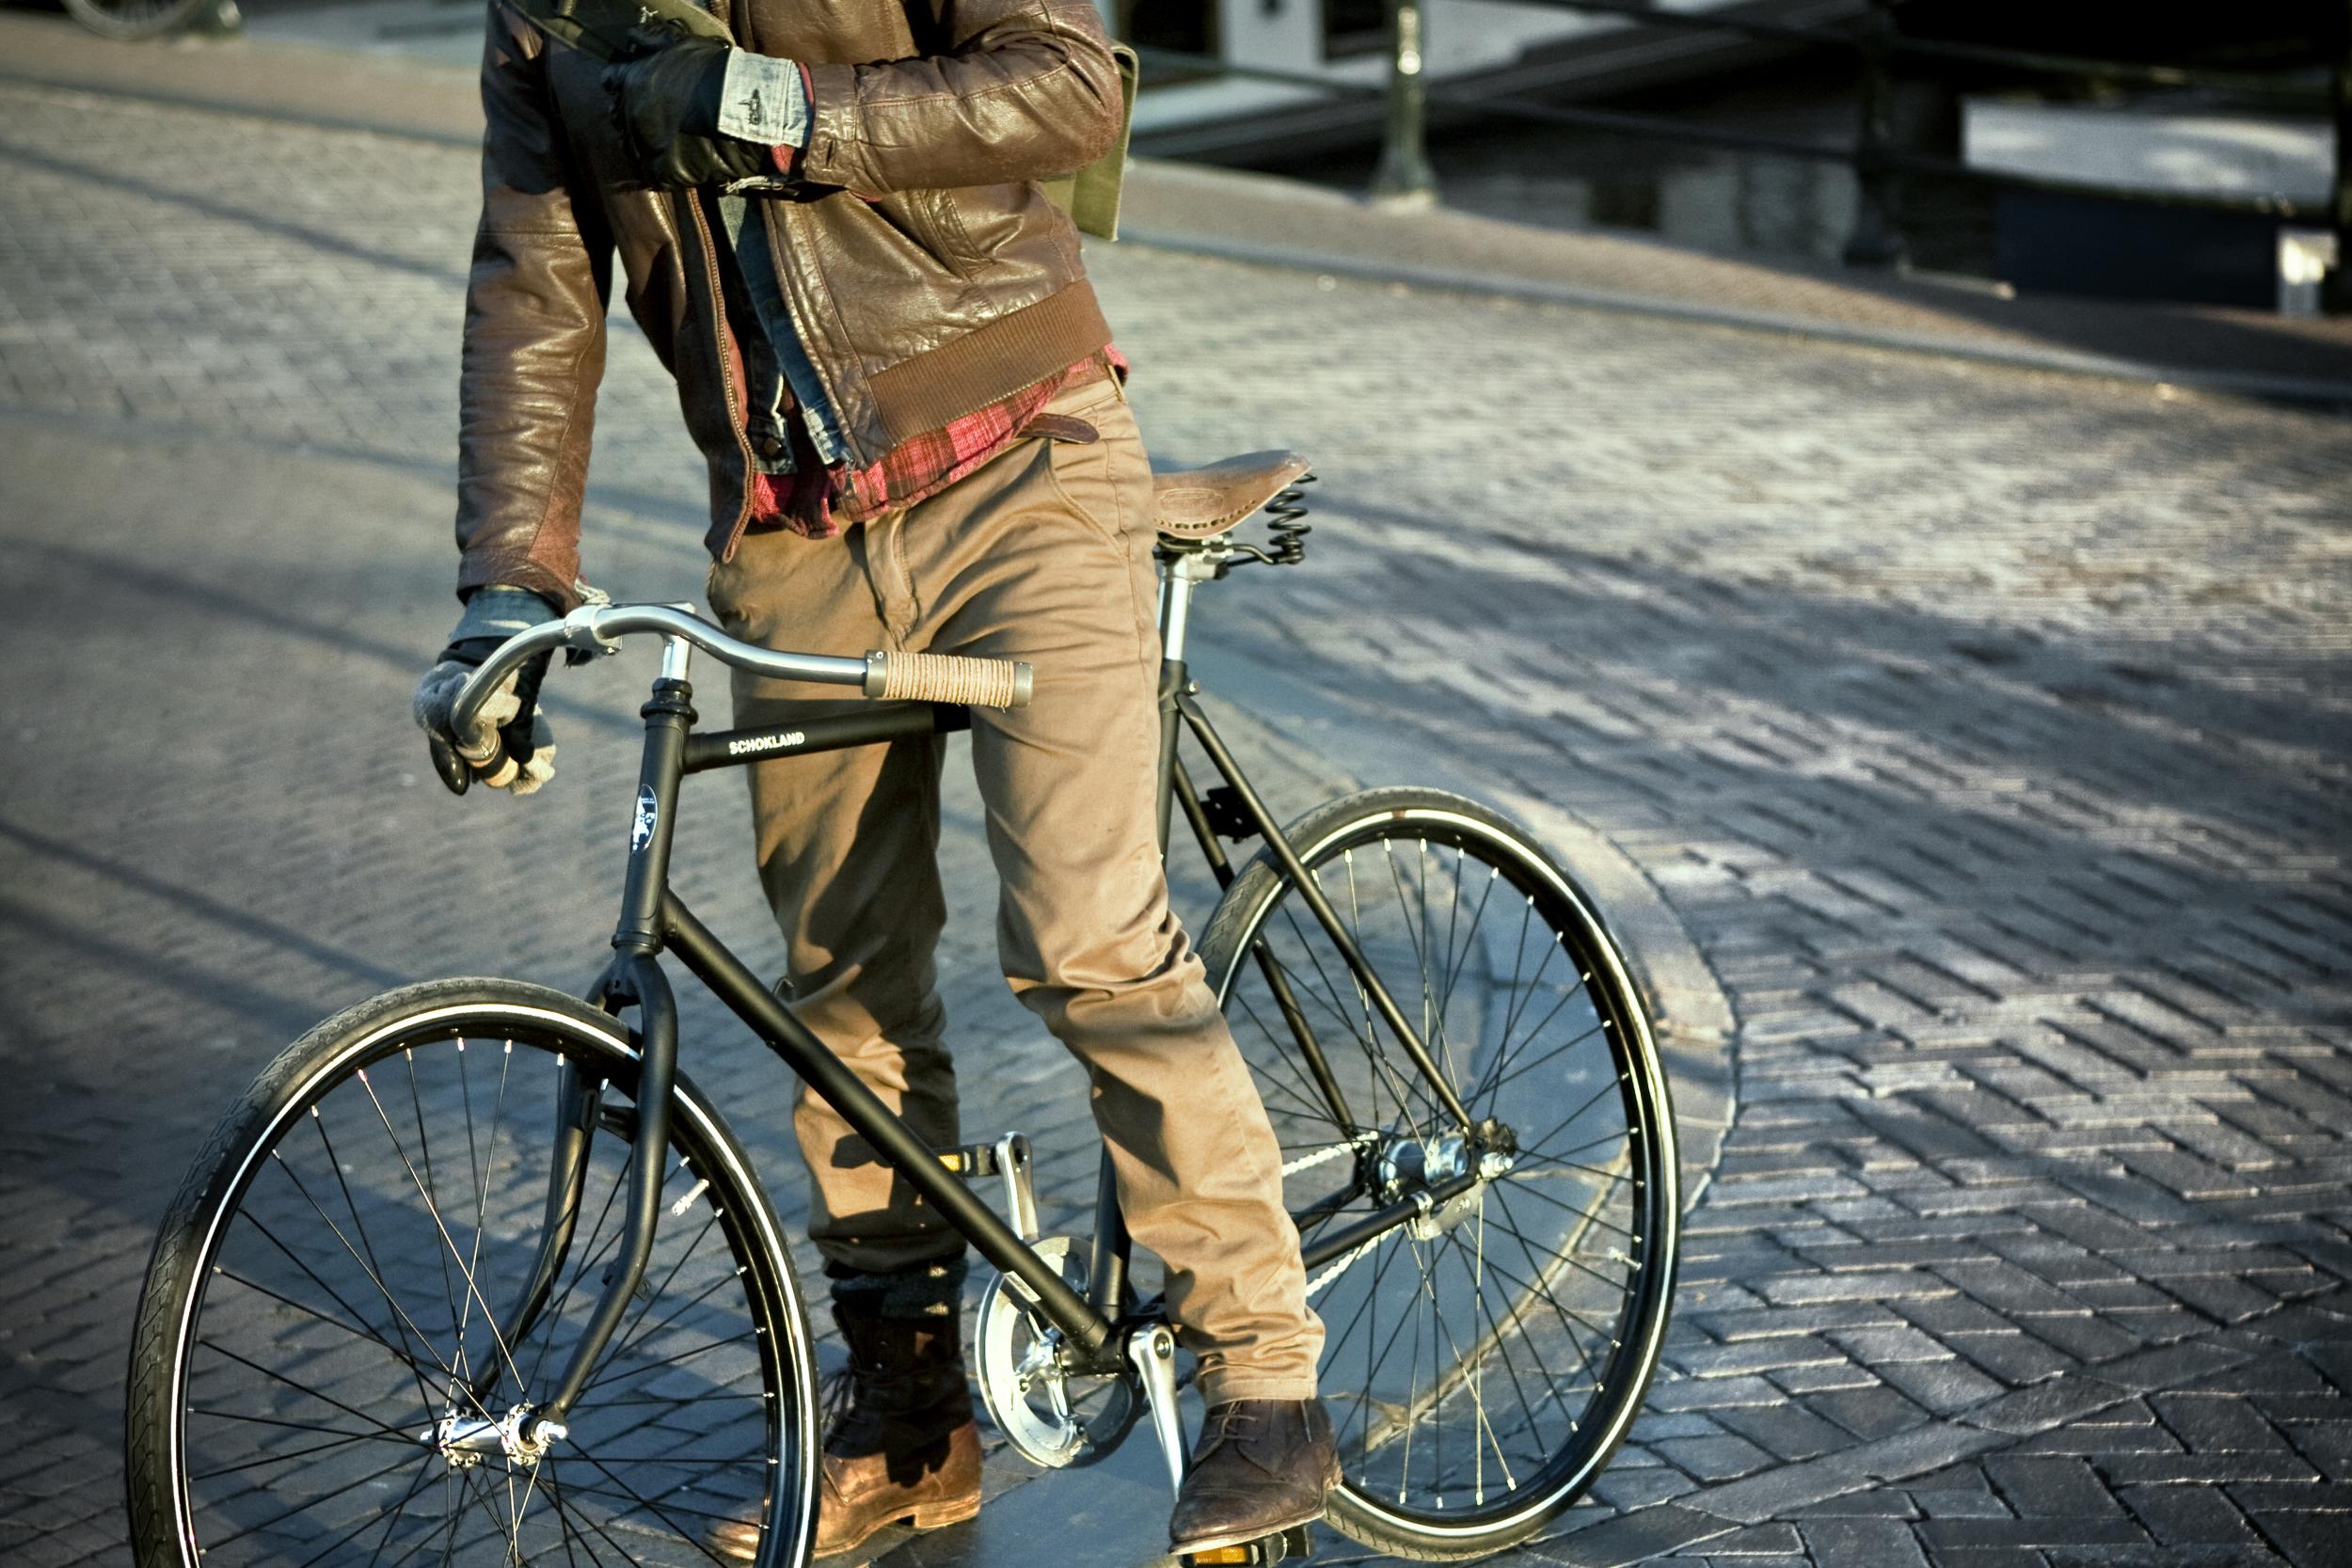 Waarmakers x Azor Bike - Schokland 8-1.jpg